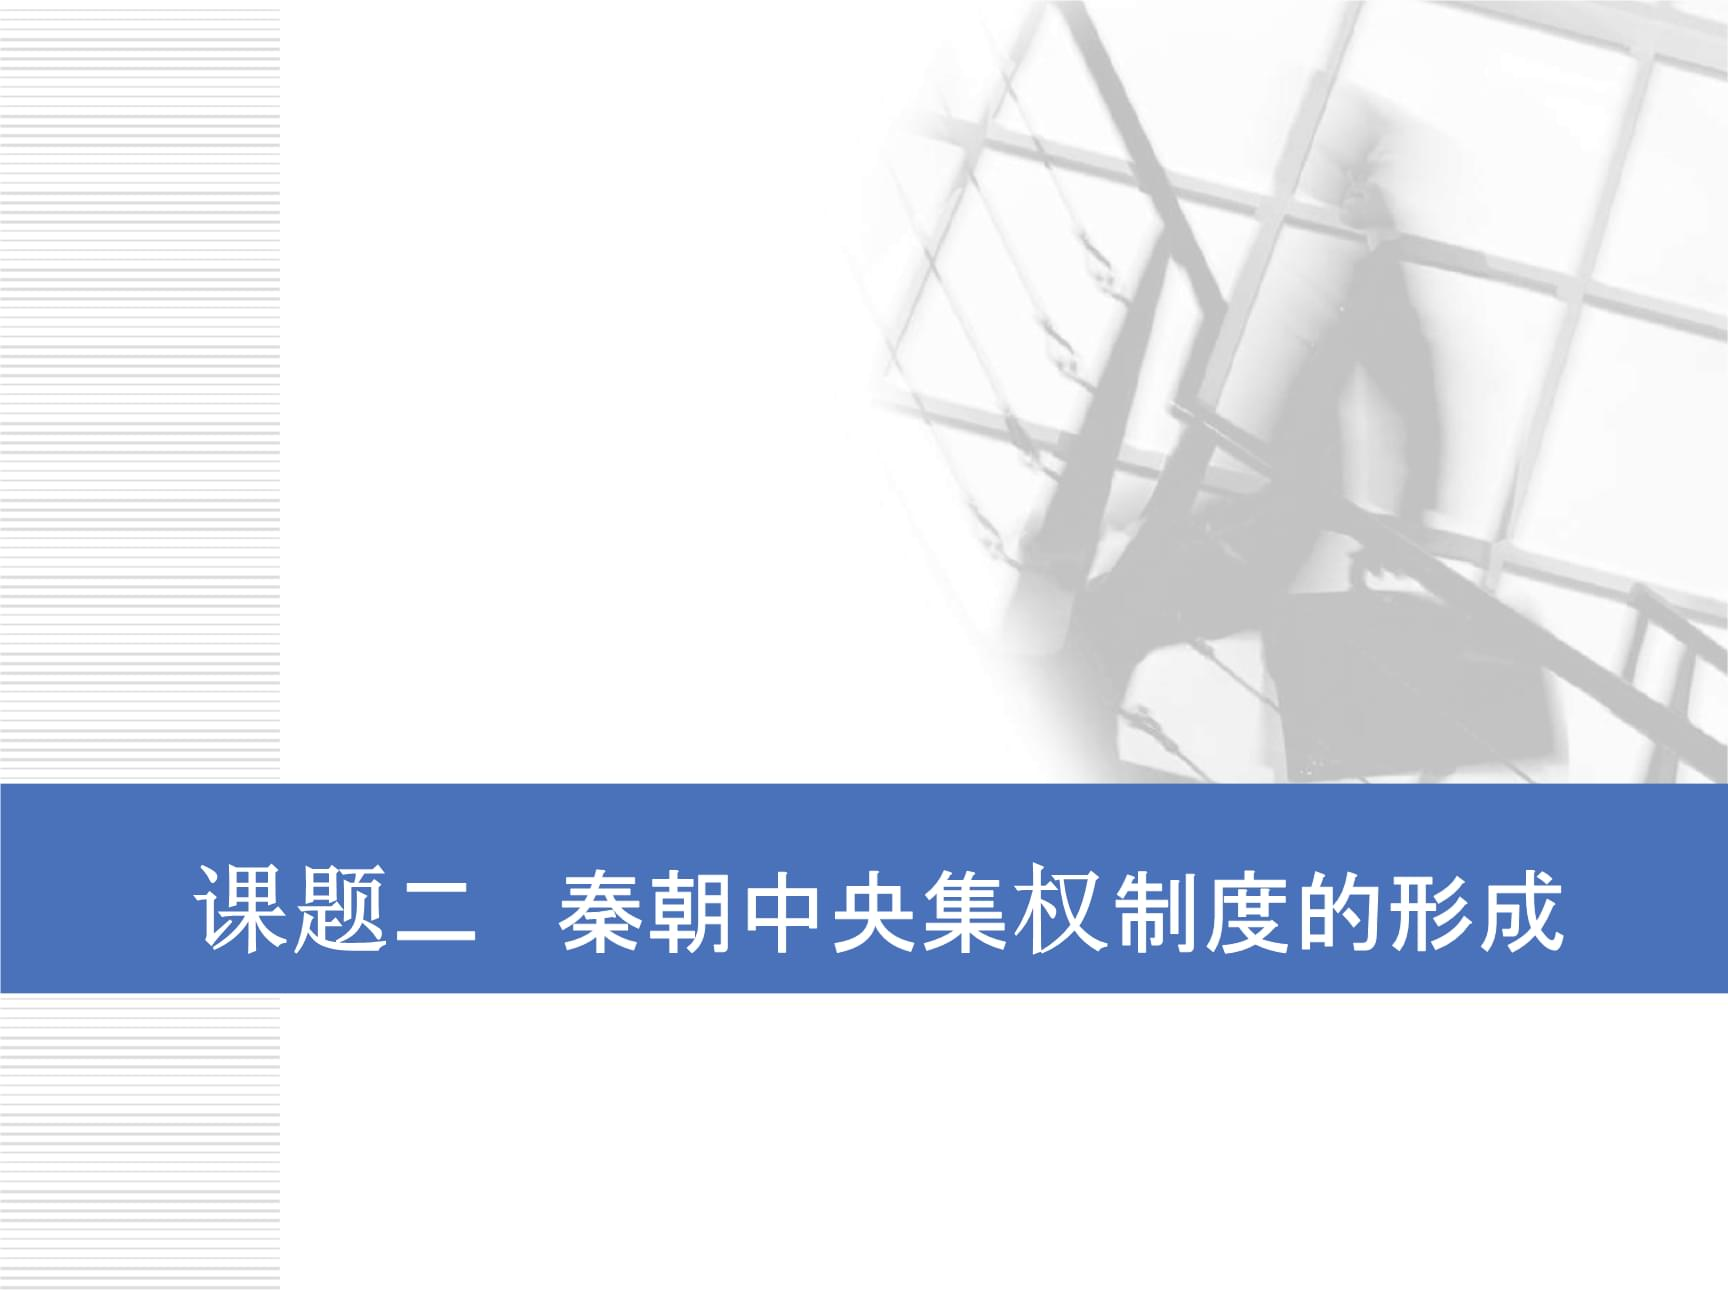 课题二 秦朝中央集权制度的形成.ppt